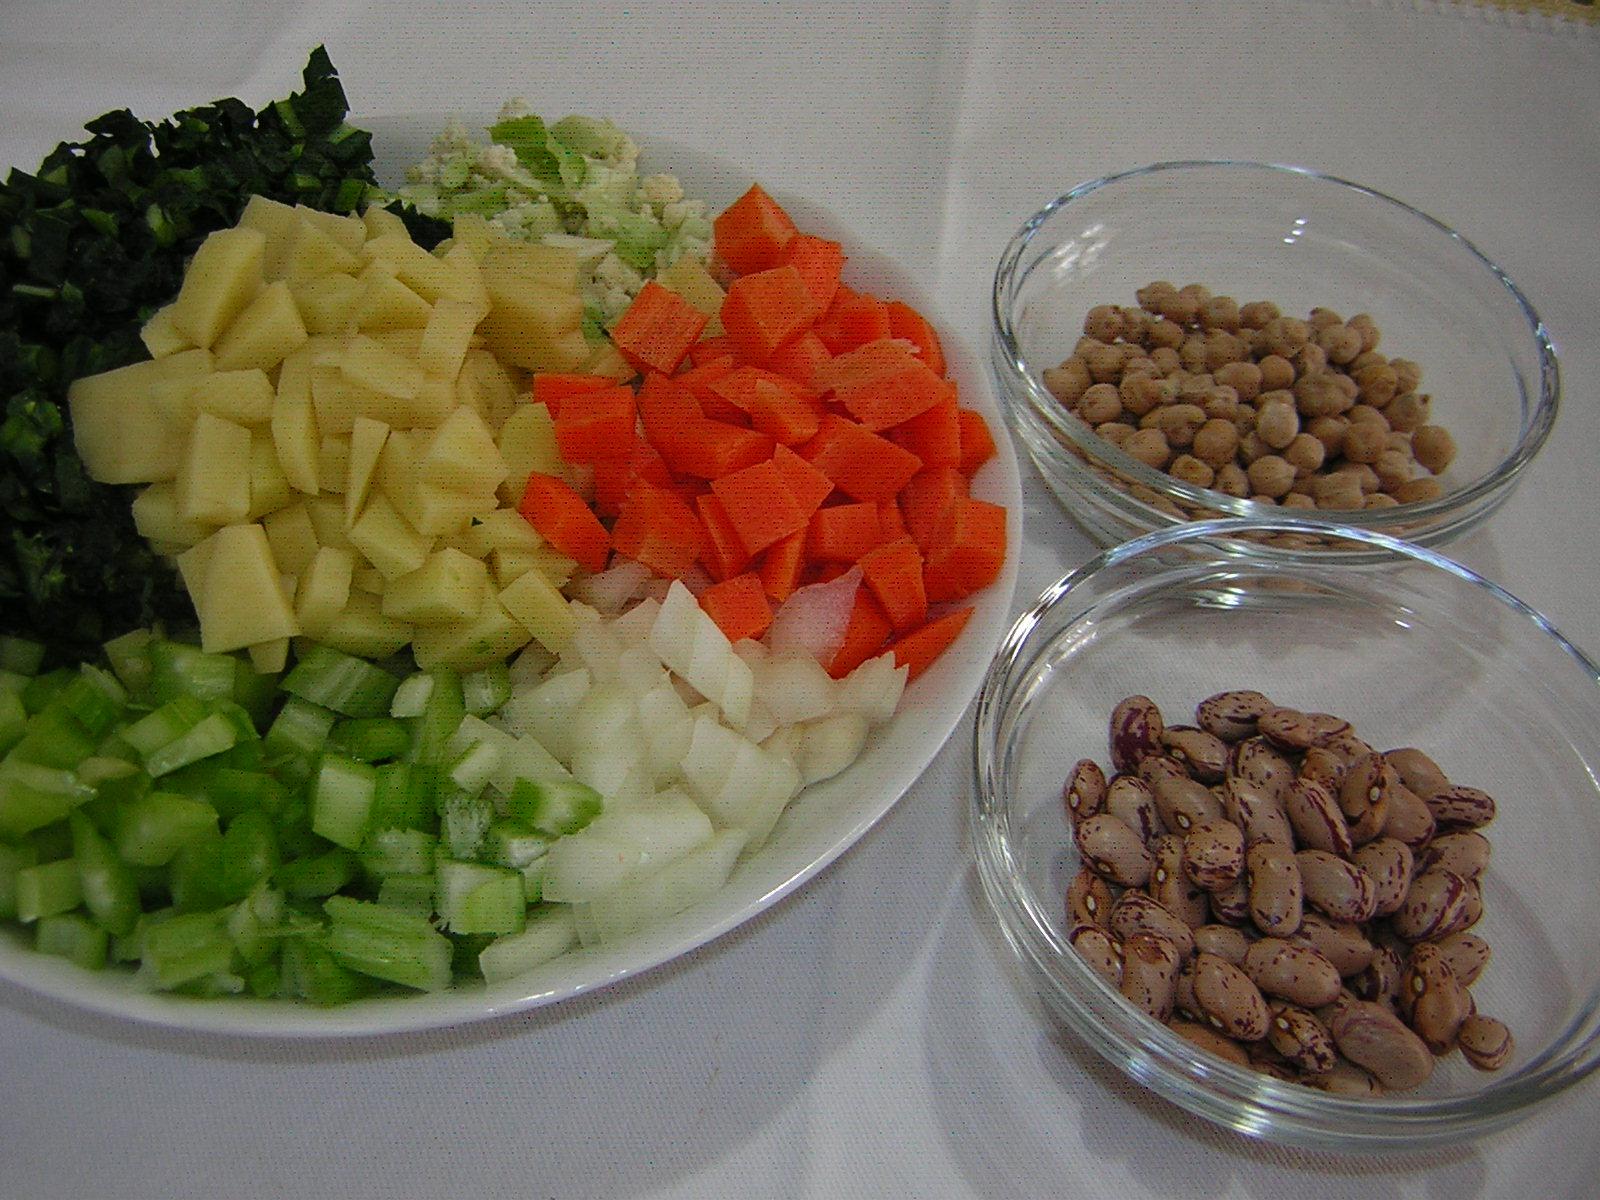 ingredienti per il minestrone con legumi